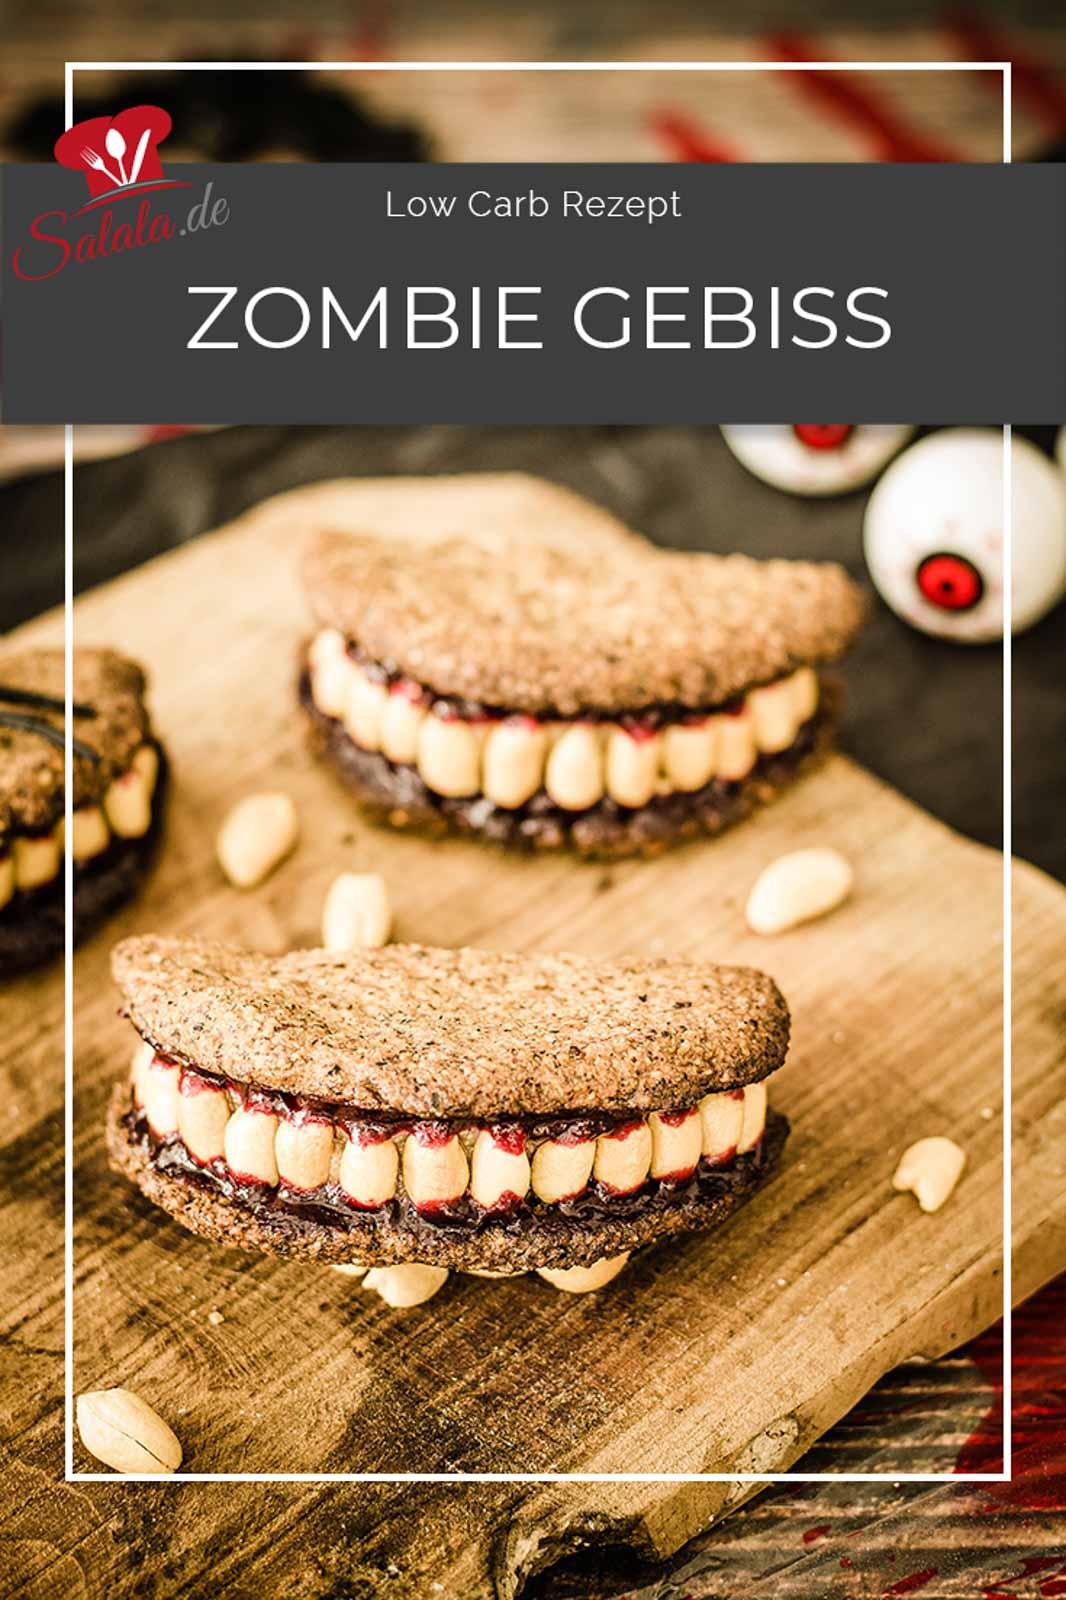 Du brauchst einfach nur nen Low Carb Keks, Erdnussmus, Erdnüsse, ein bisserl zuckerfreie Marmelade und schon kann Halloween kommen. Mit einem Low Carb Zombie Gebiss natürlich, also so ganz ohne Zucker und Mehl. Feierst Du auch Halloween? #Halloween #zuckerfrei #lowcarbhalloween #lowcarbbacken #lowcarbnaschen #lowcarbsnacks #halloweenohnezucker #zombiegebiss